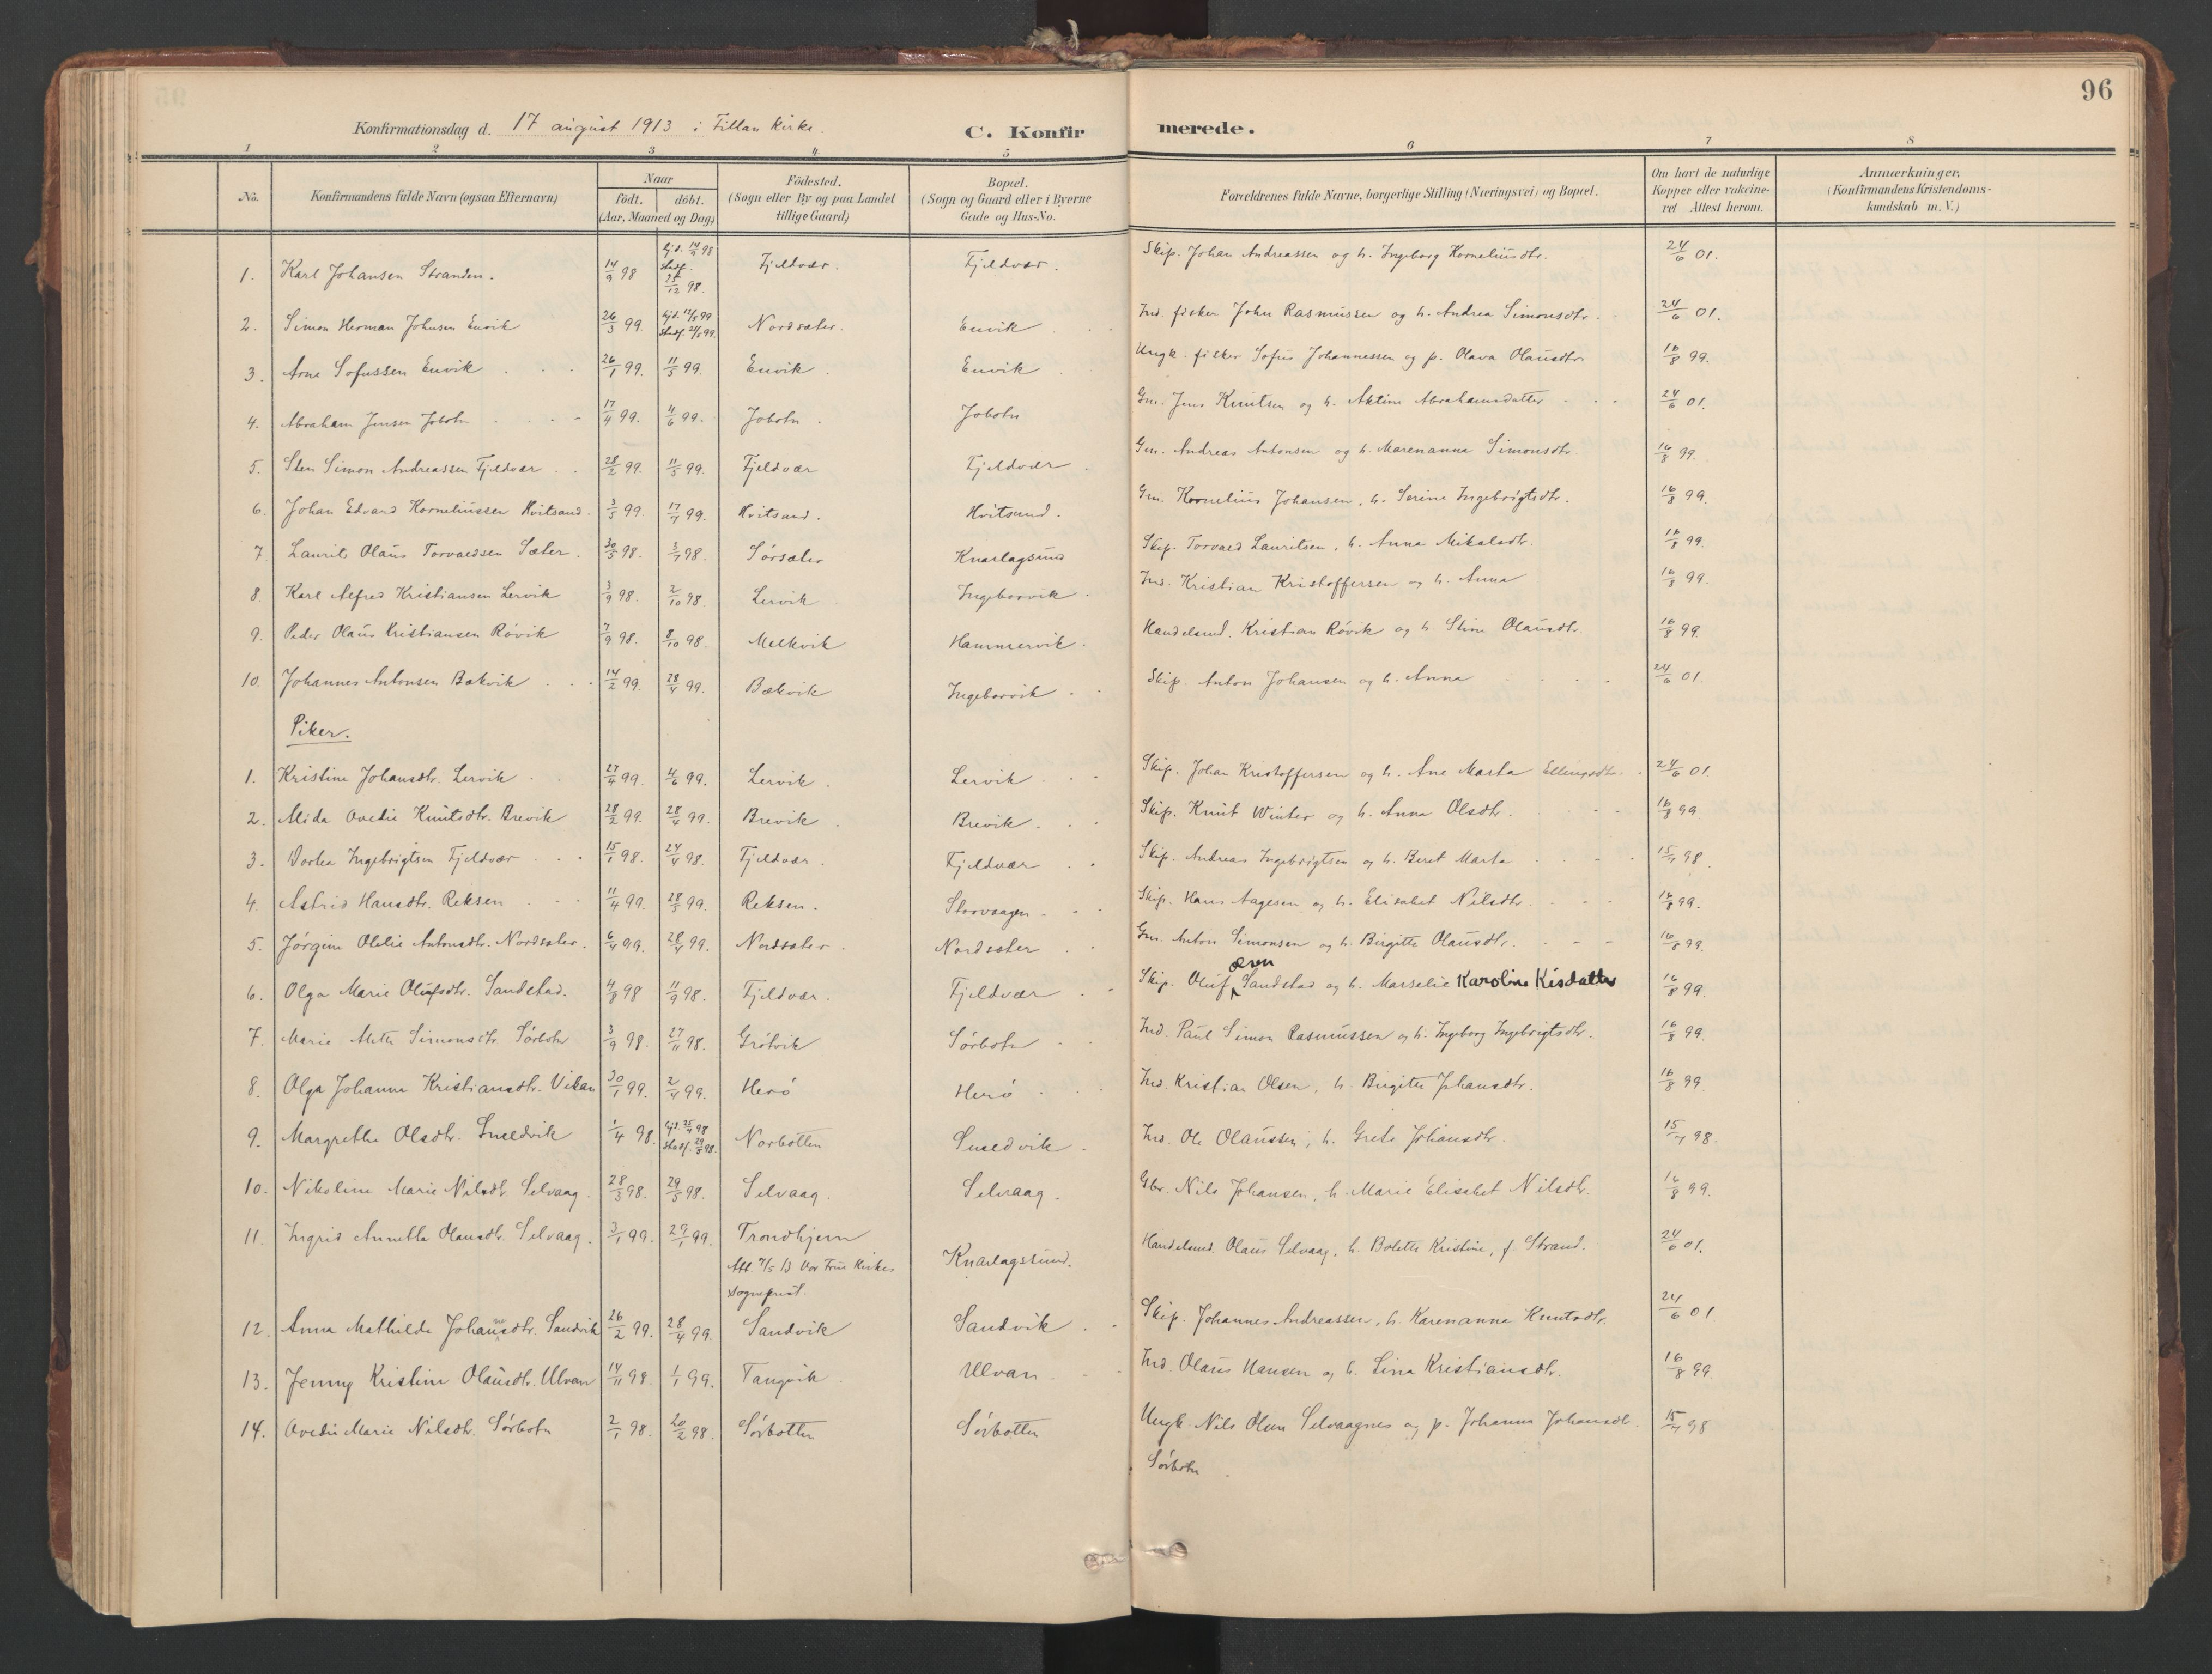 SAT, Ministerialprotokoller, klokkerbøker og fødselsregistre - Sør-Trøndelag, 638/L0568: Ministerialbok nr. 638A01, 1901-1916, s. 96